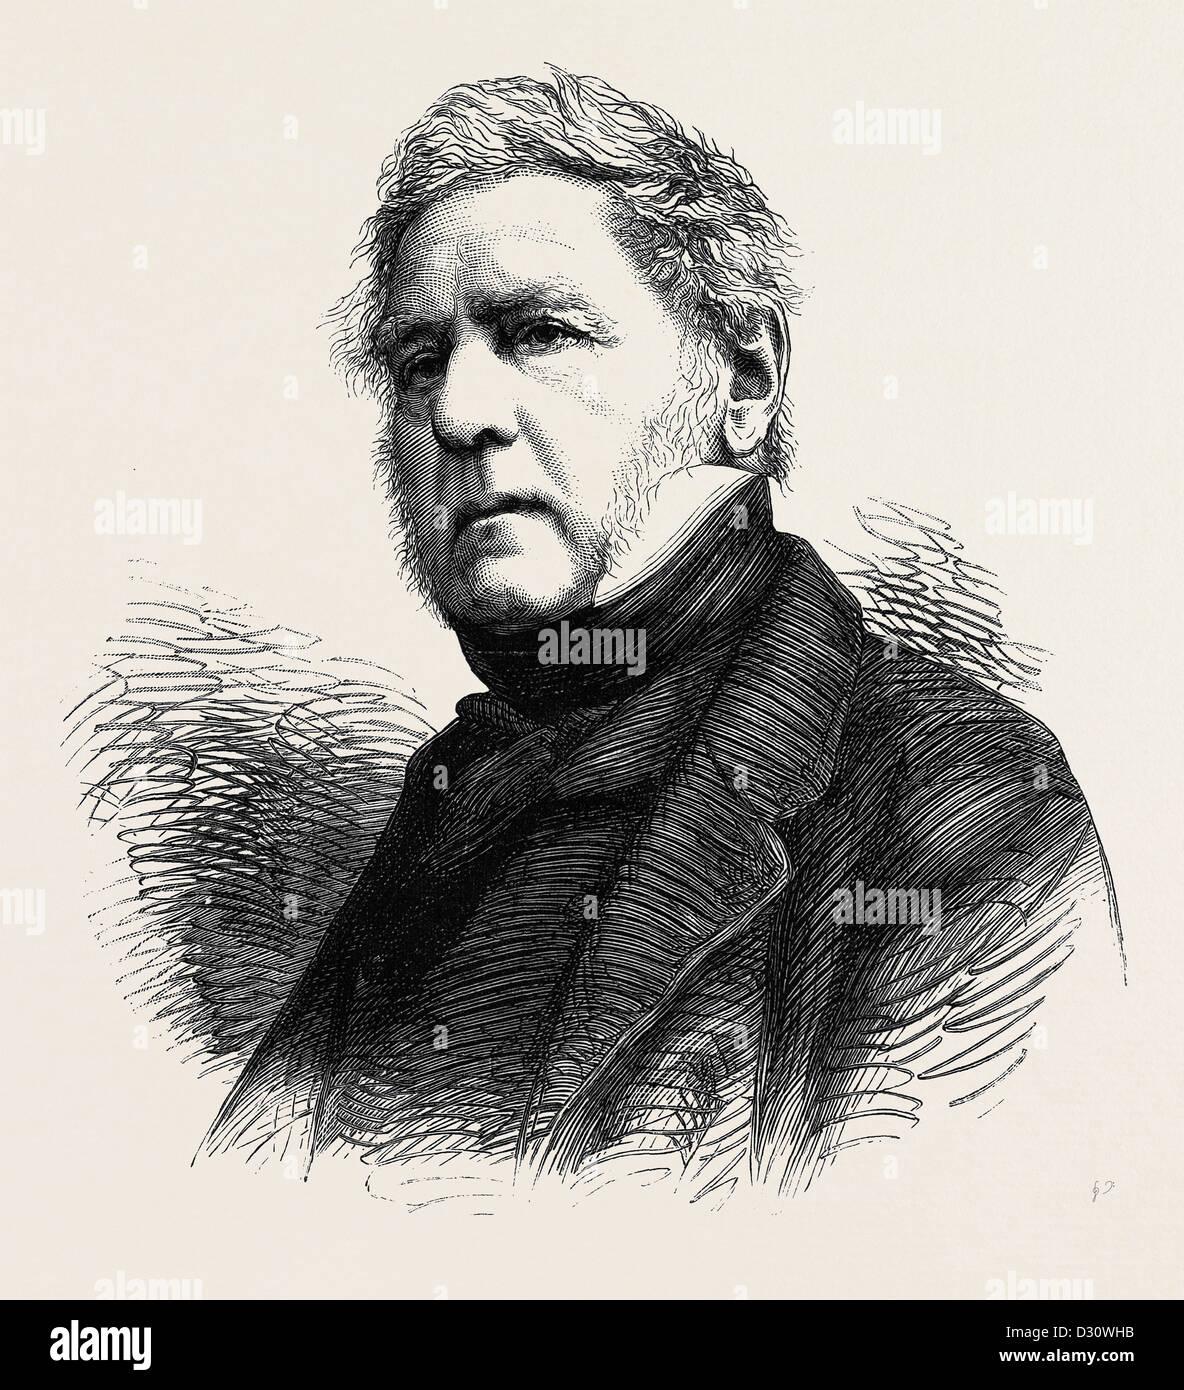 Il dott. H.J. ROUS, ammiraglio R.N., morì il 19 giugno 1877, di età compresa tra i 82 Immagini Stock